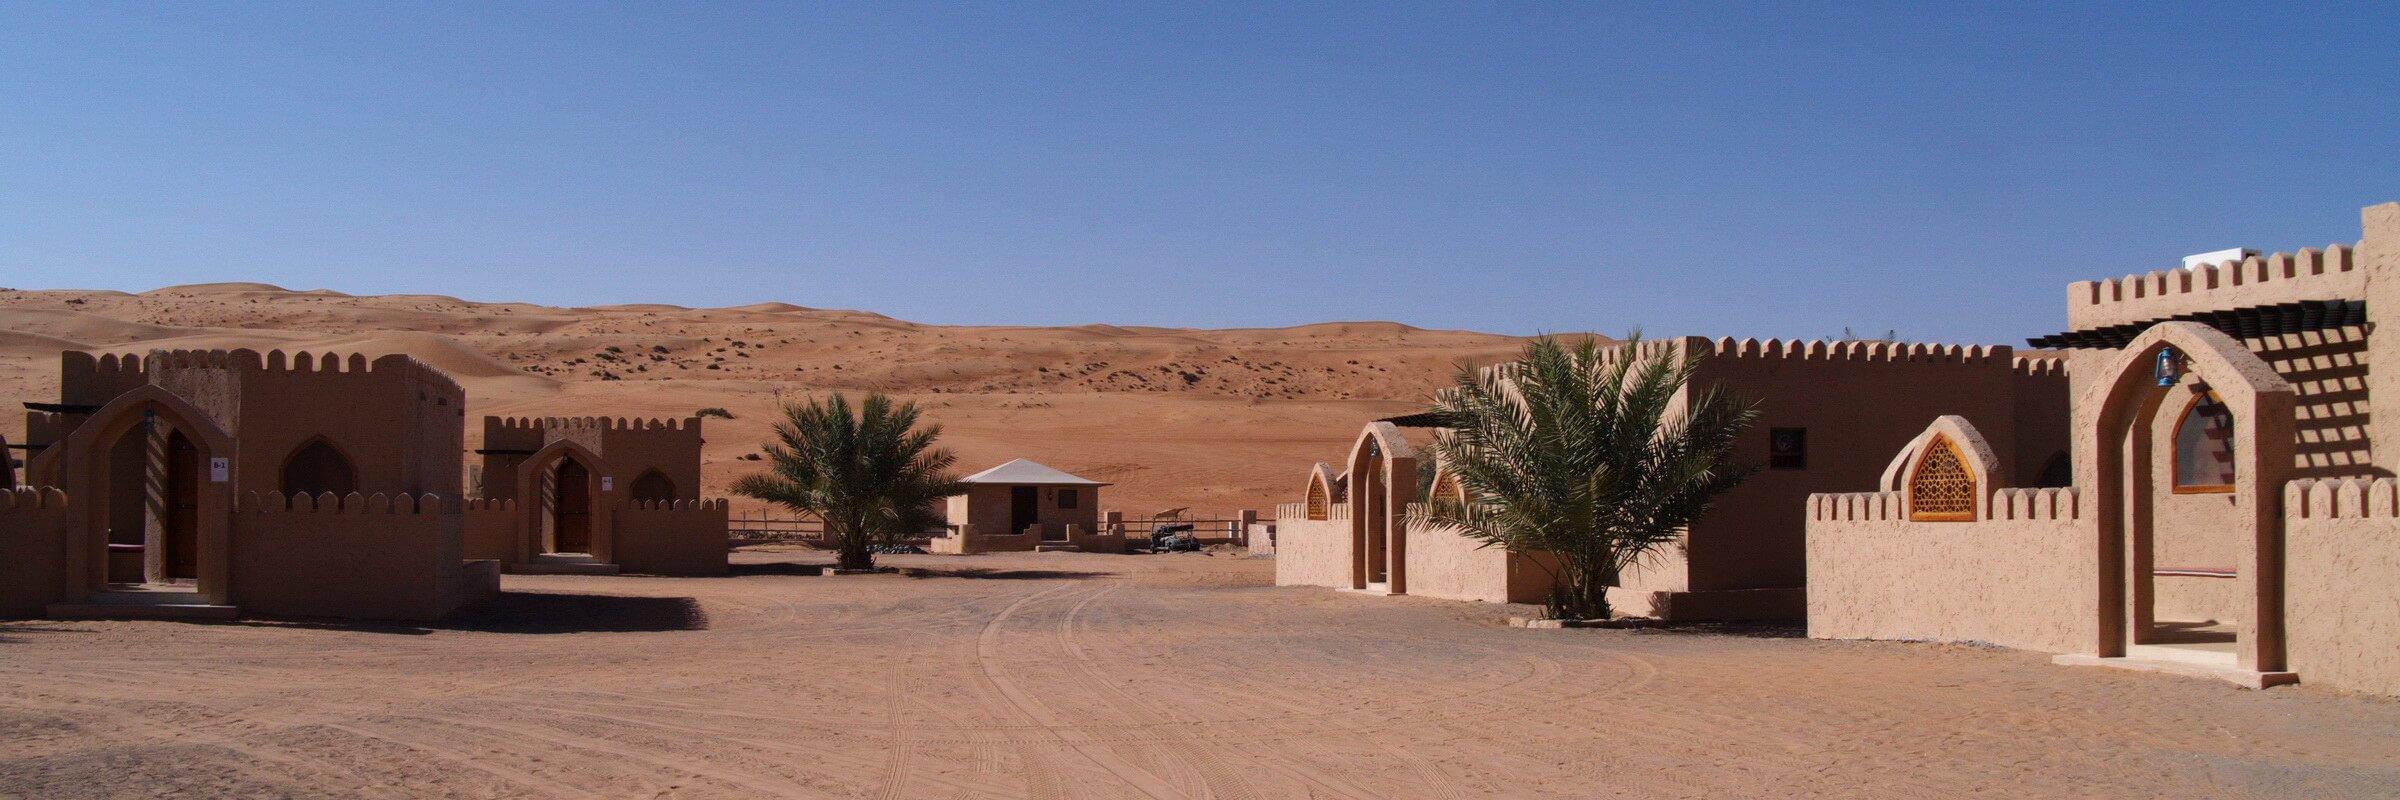 Das Arabian Oryx Camp ist bei Bidiya idyllisch zwischen Dünen gelegen und bietet einen spannenden Rückzugsort von der Hektik der Großstadt.